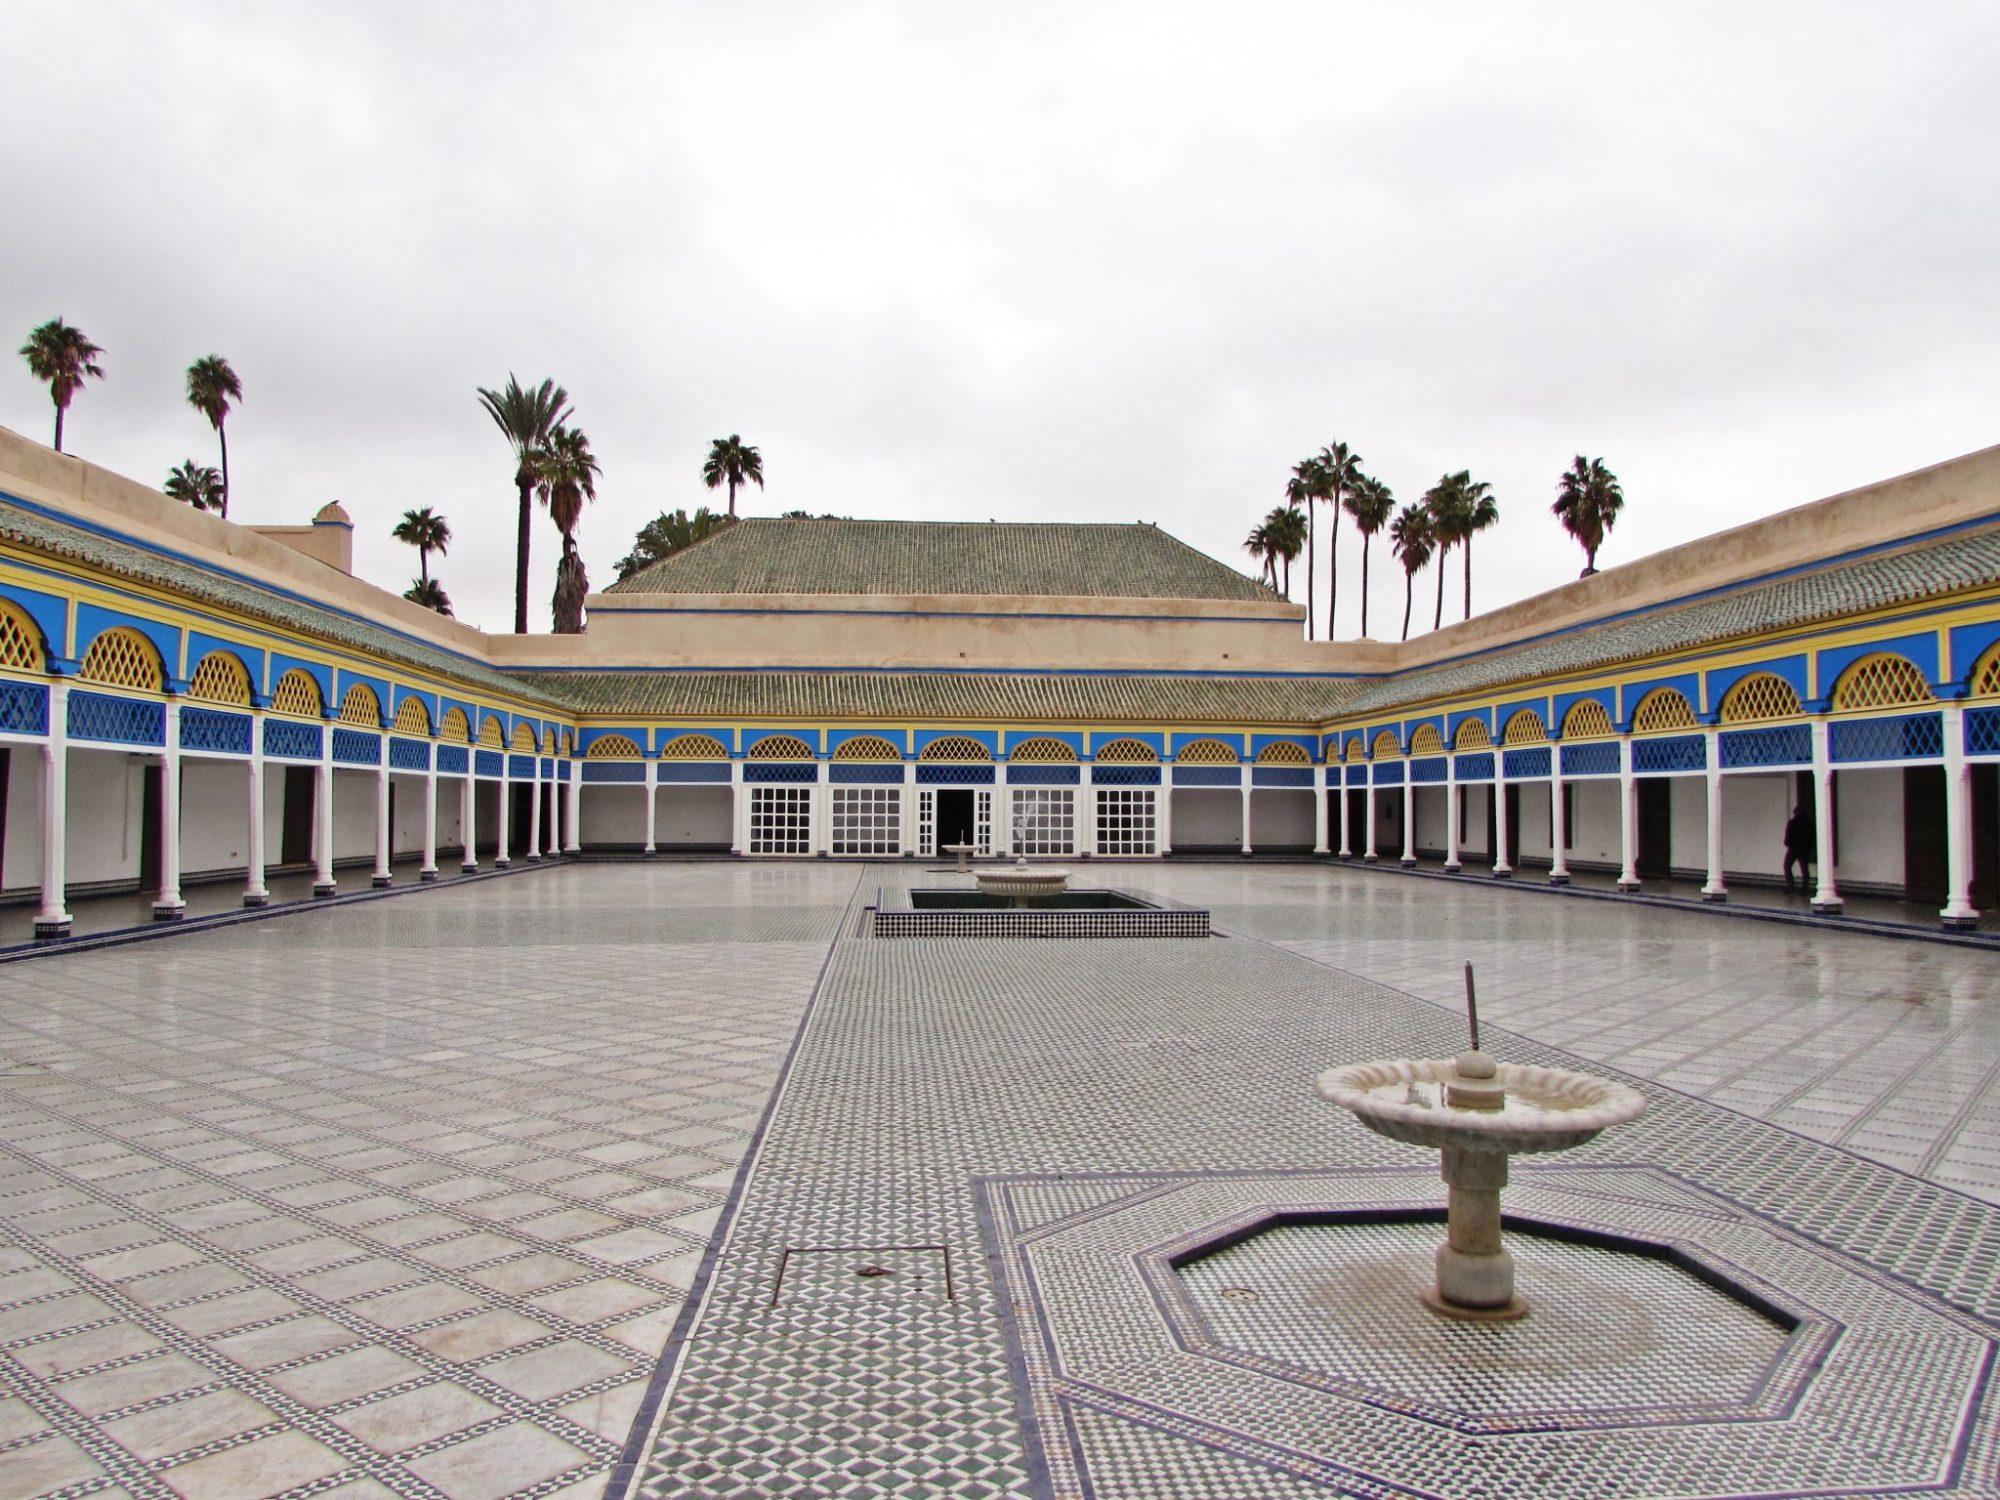 palacio de la bahia marrakech